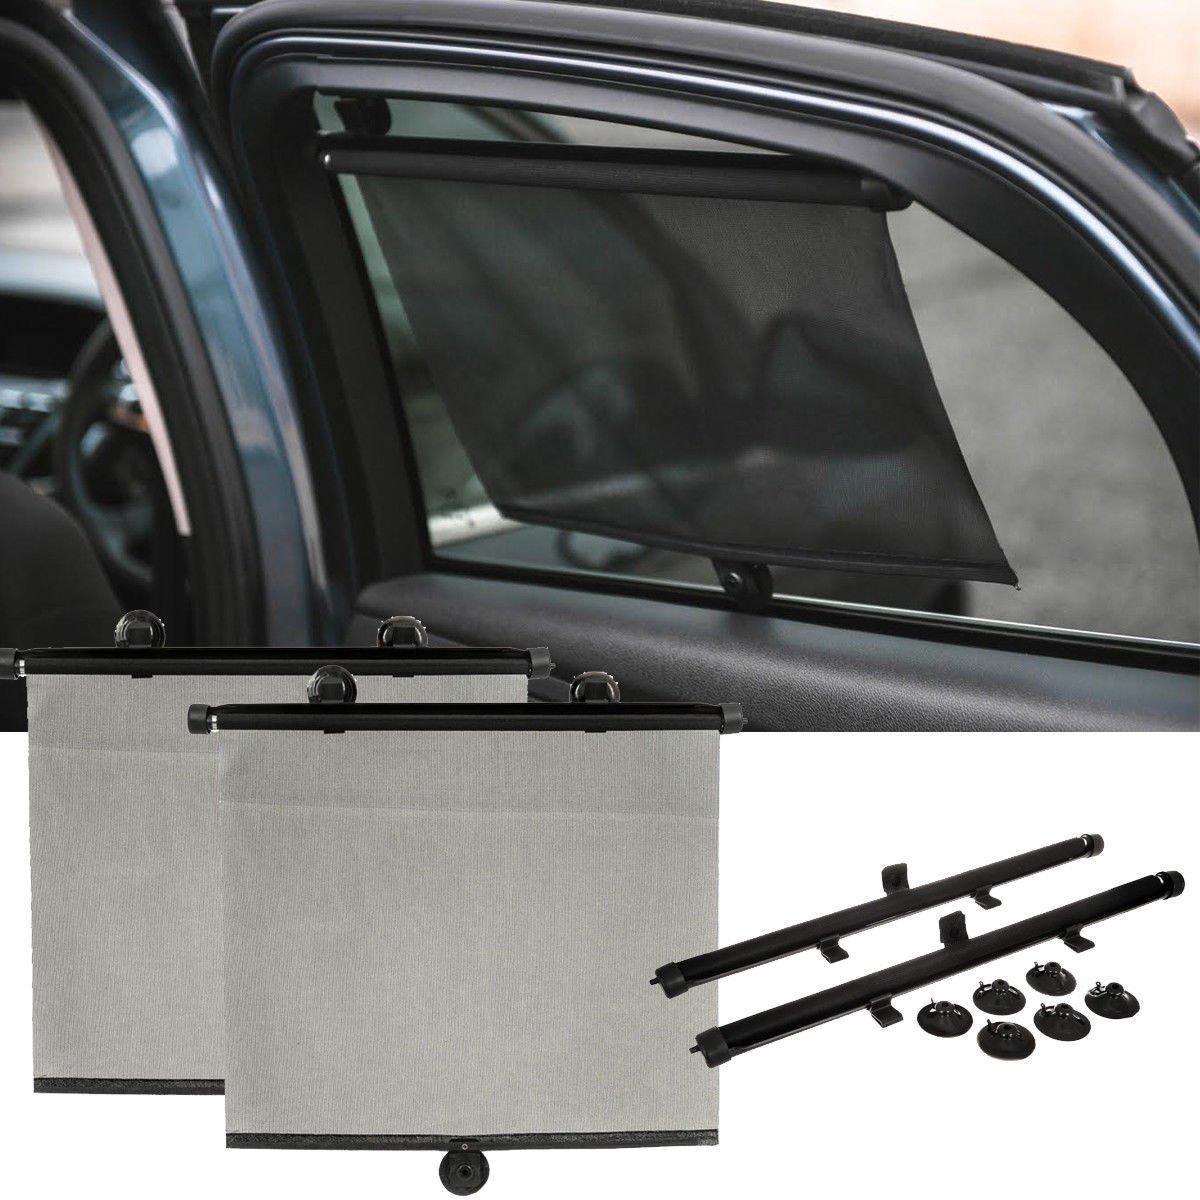 Onemoret 2/x auto tendine parasole auto tenda a rullo schermo protezione bambini